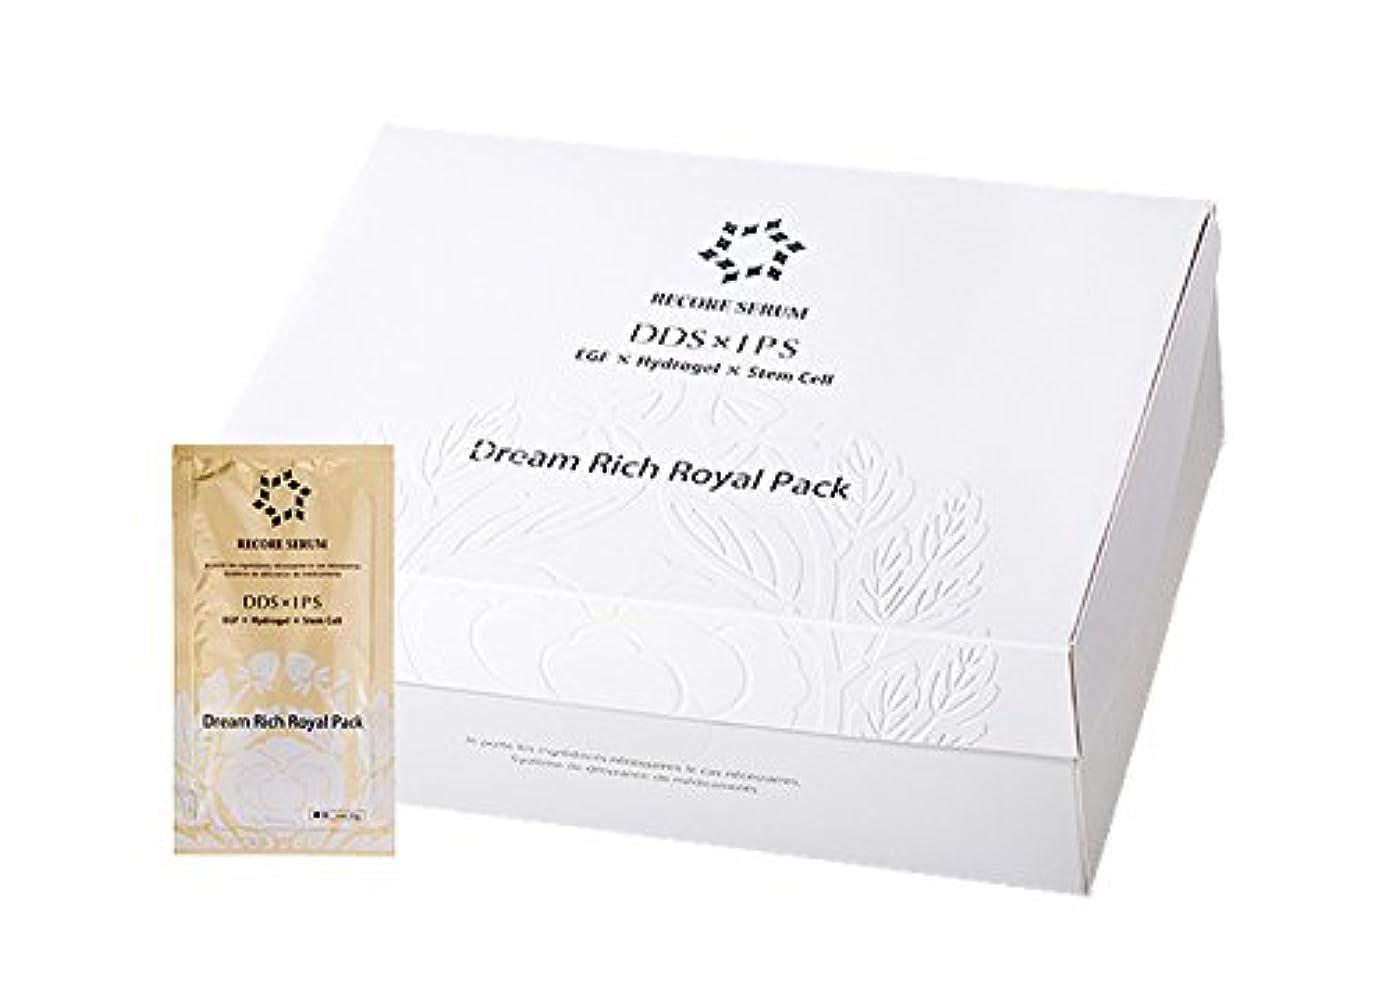 喜ぶオーラル証人リコアセラム ドリーム リッチロイヤル パック 15セット入り 日本製 RECORE SERUM 炭酸パック 正品